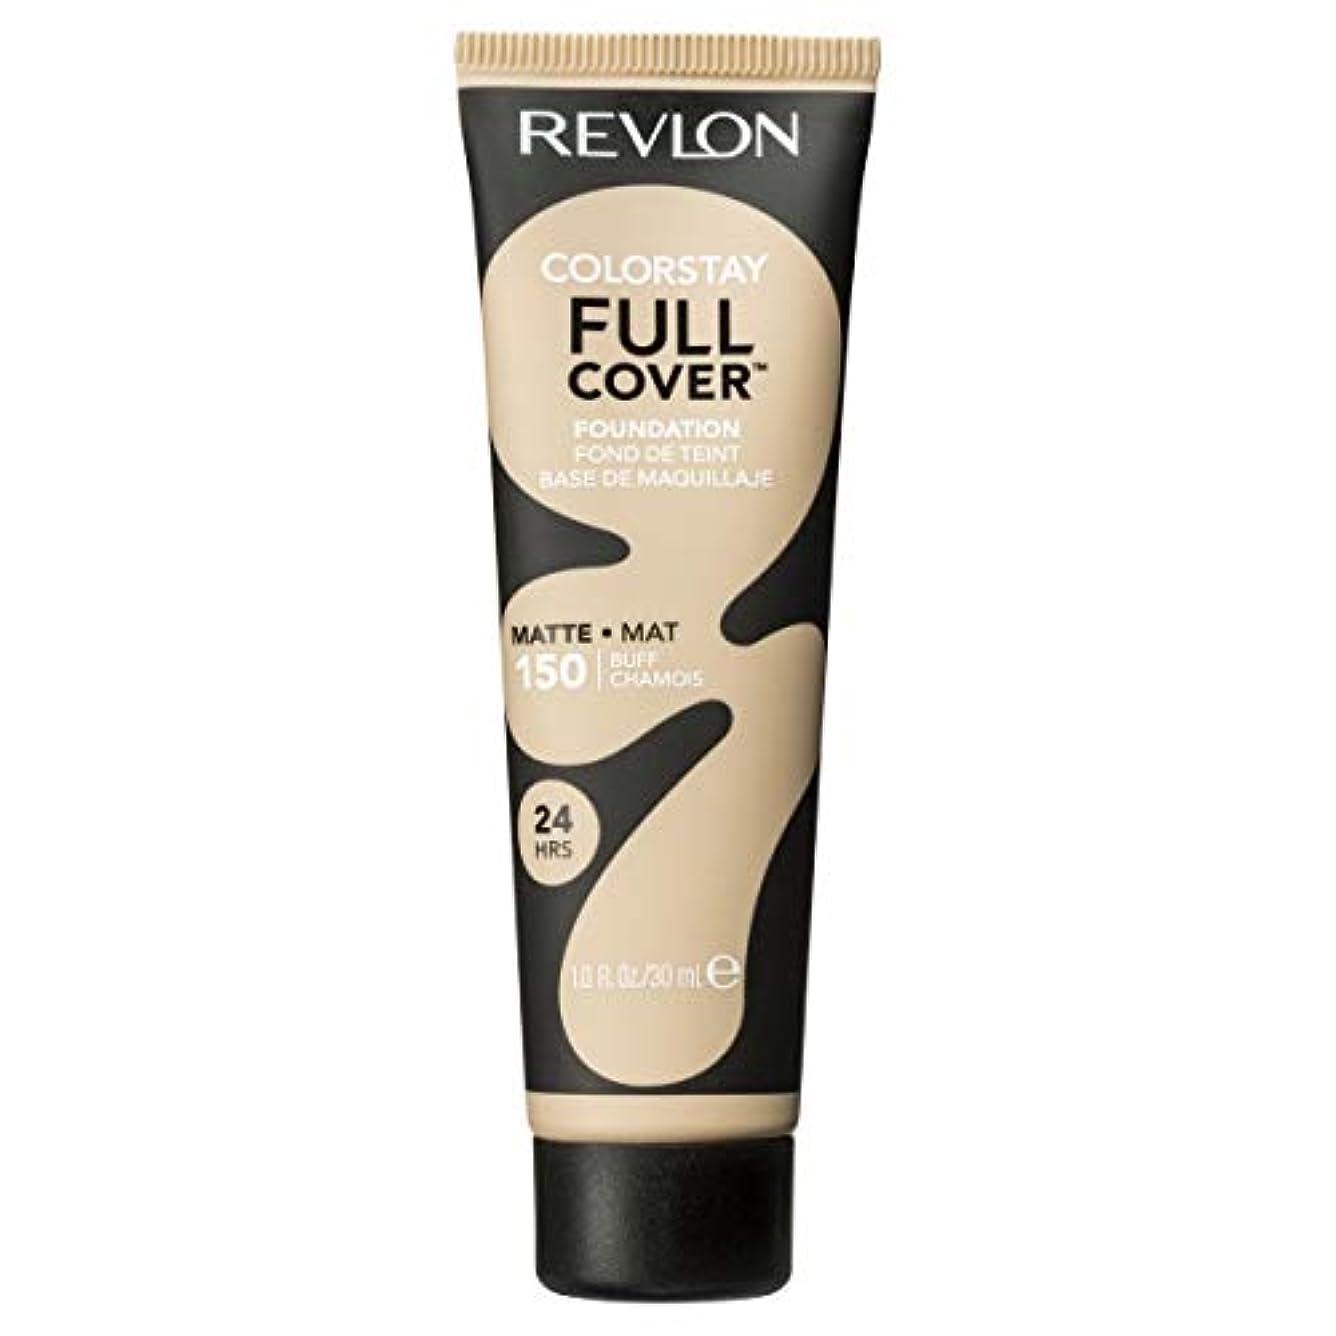 ばか解釈的栄光【レブロン.revlon]カラーステイプルカバーファンデーション(30ml)/ color stay full cover foundation (150 buff)